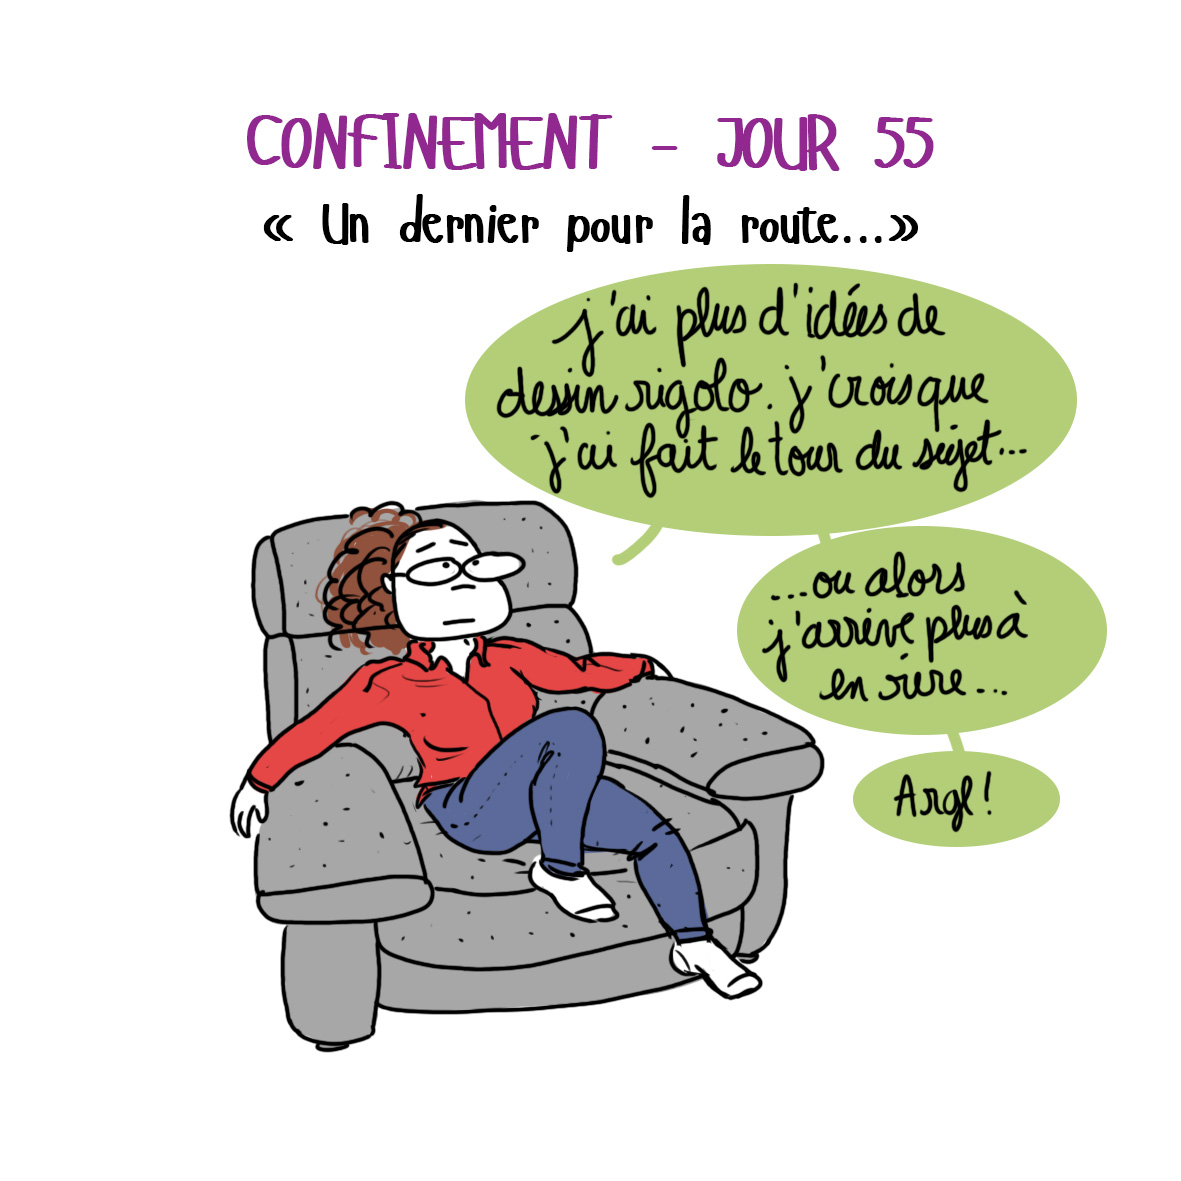 Journal de confinement - jour 55-2